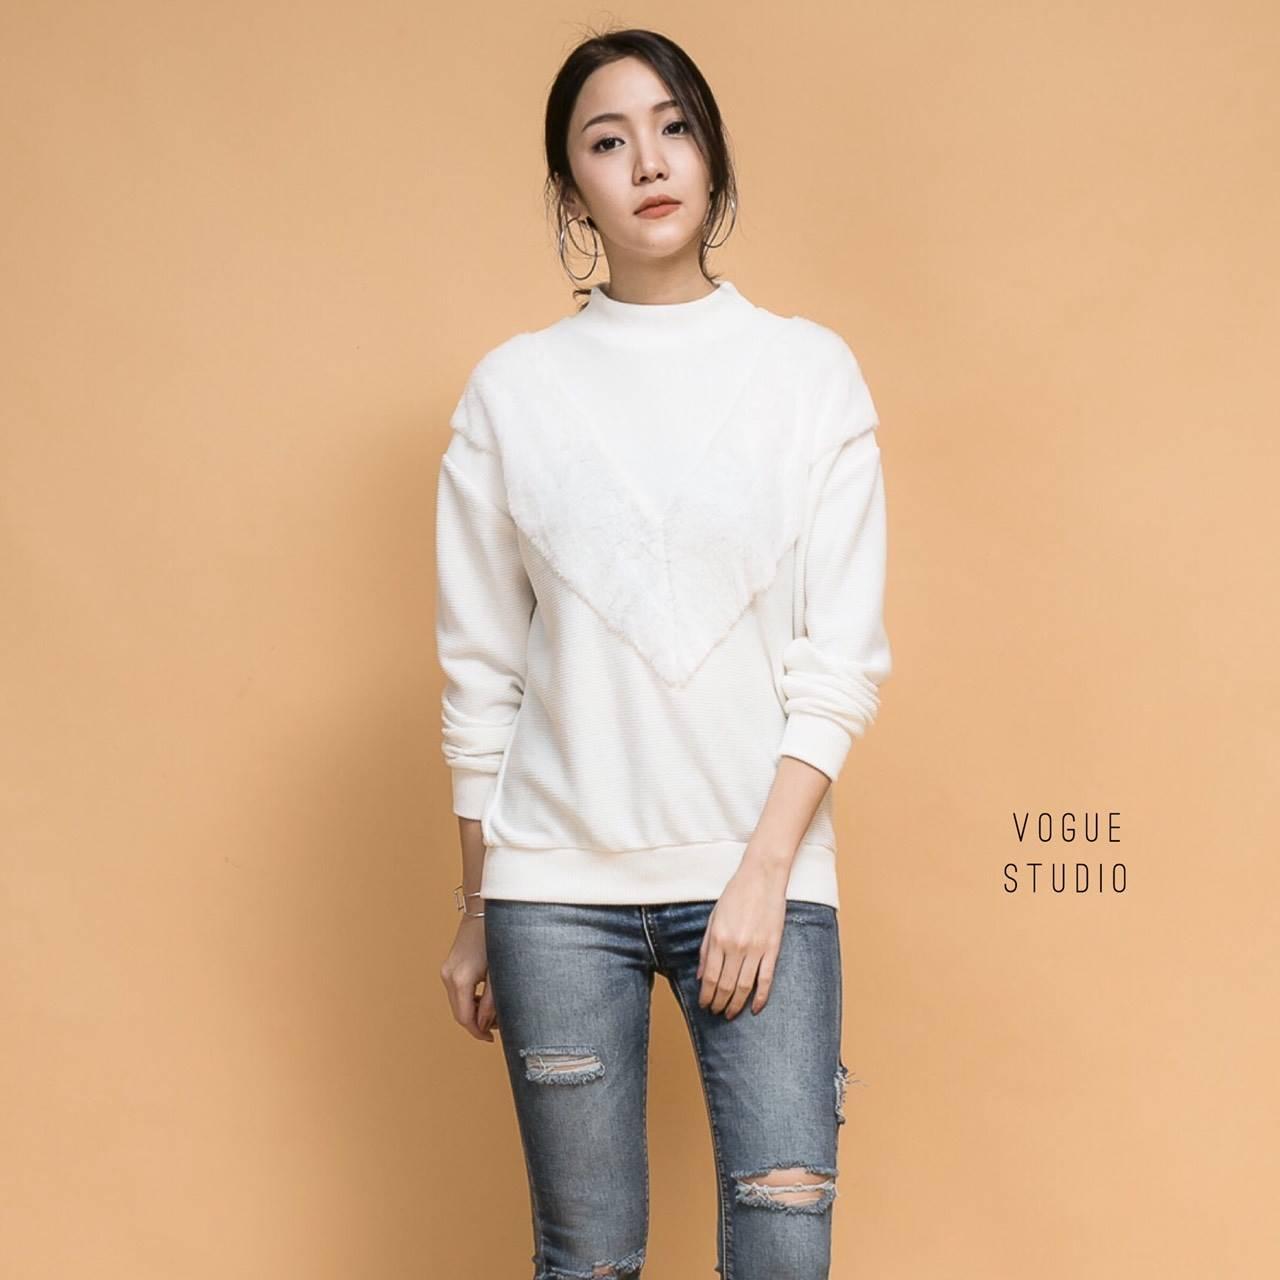 เสื้อผ้าเกาหลีพร้อมส่ง เสื้อจั๊มเปอร์แขนยาก แต่งแถบขน V